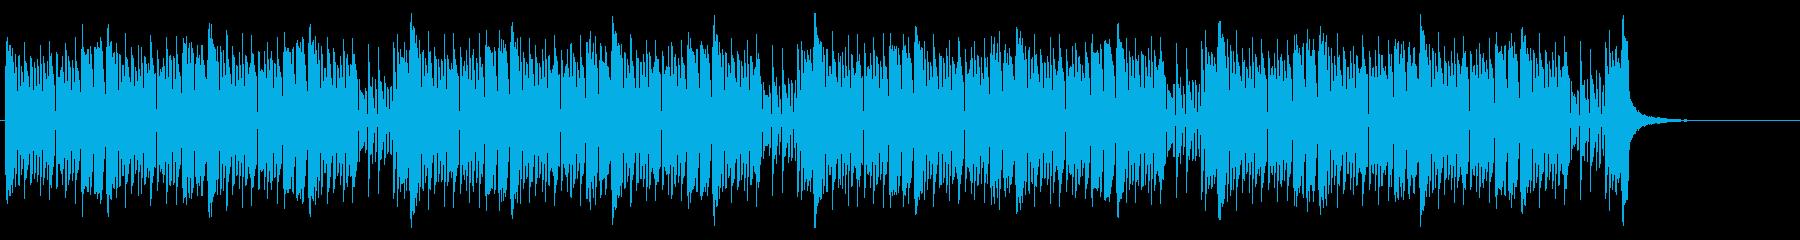 緊張感のあるEDM調バトル曲(シンセメロの再生済みの波形